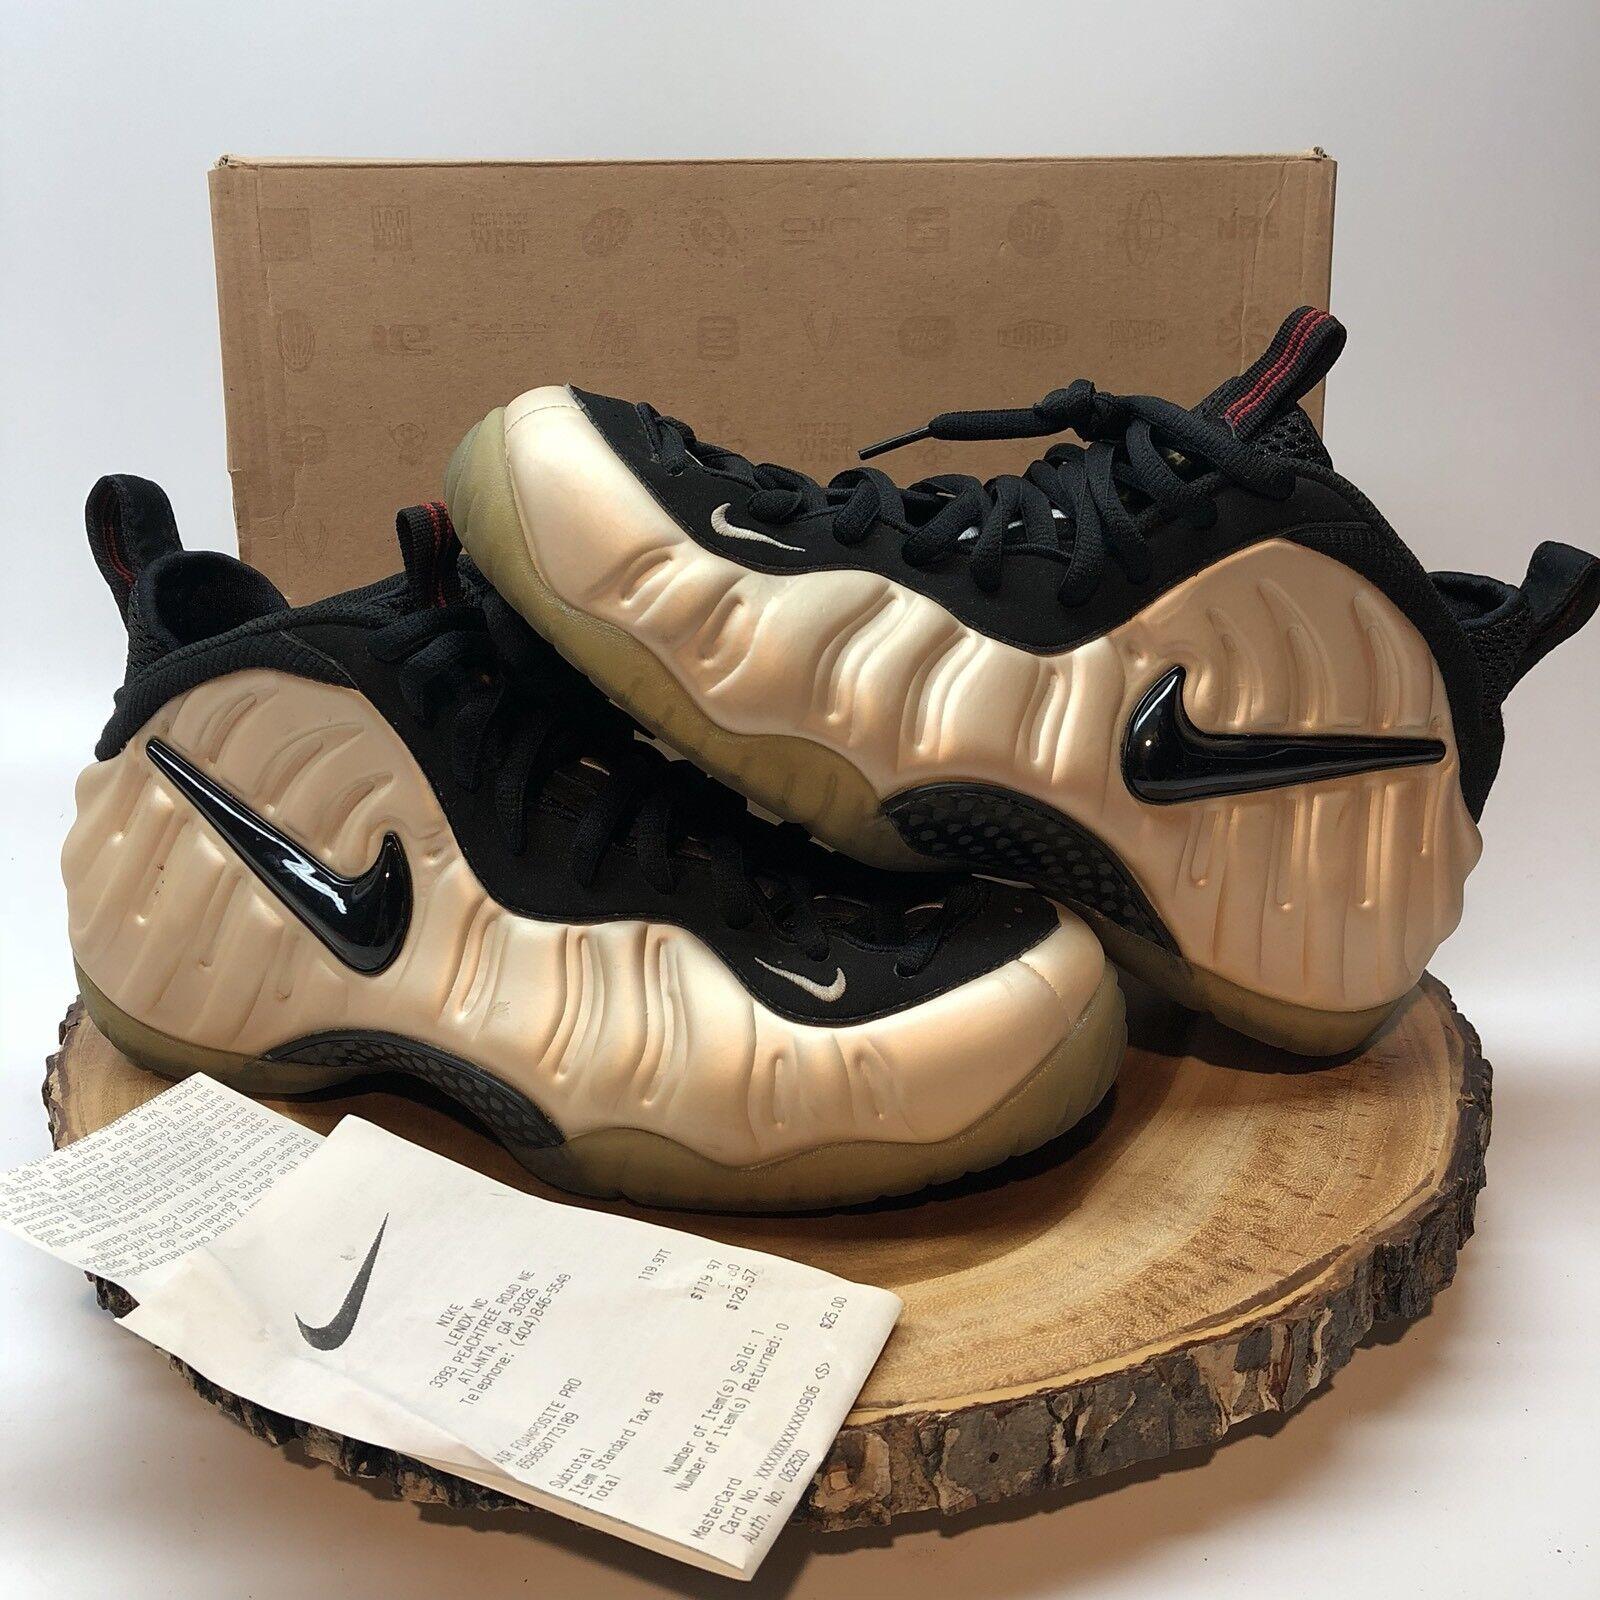 Nike Air Foamposite cómodo pro Pearl blanco negro 624041 206 cómodo Foamposite confortable y atractivo c3400c